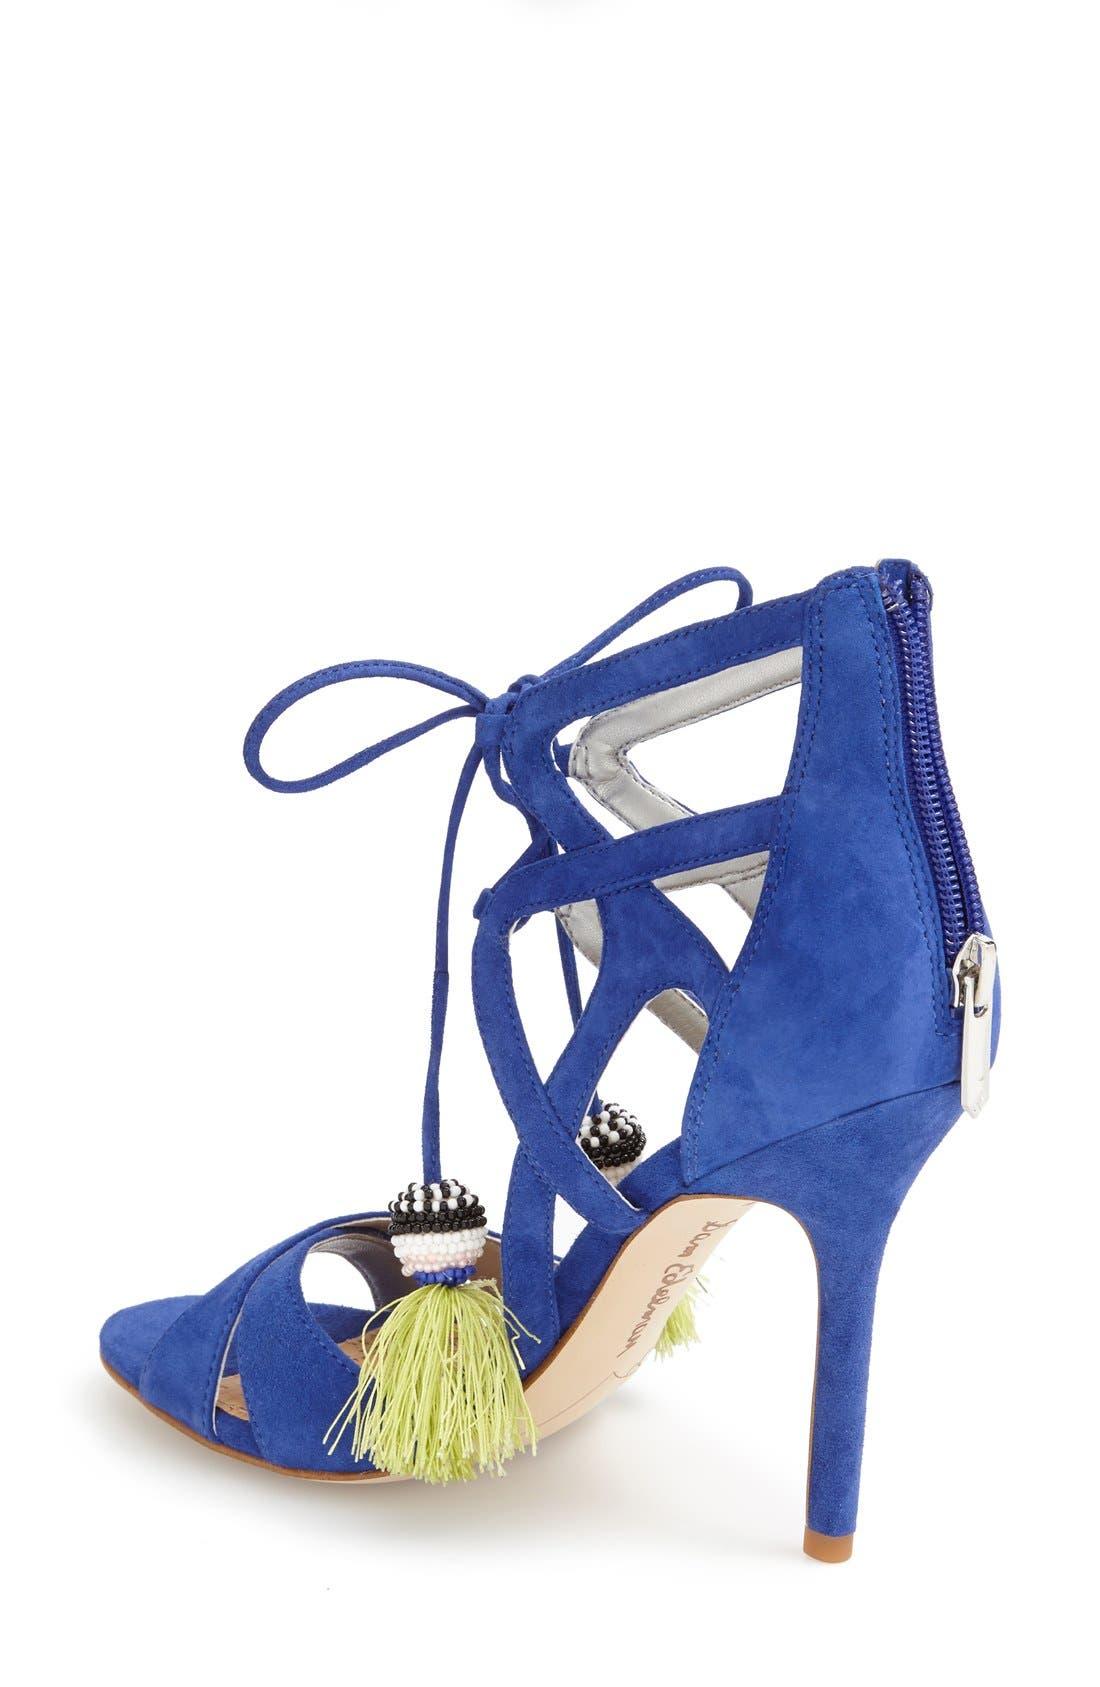 'Azela' Tassel Lace-Up Sandal,                             Alternate thumbnail 2, color,                             Sailor Blue Suede